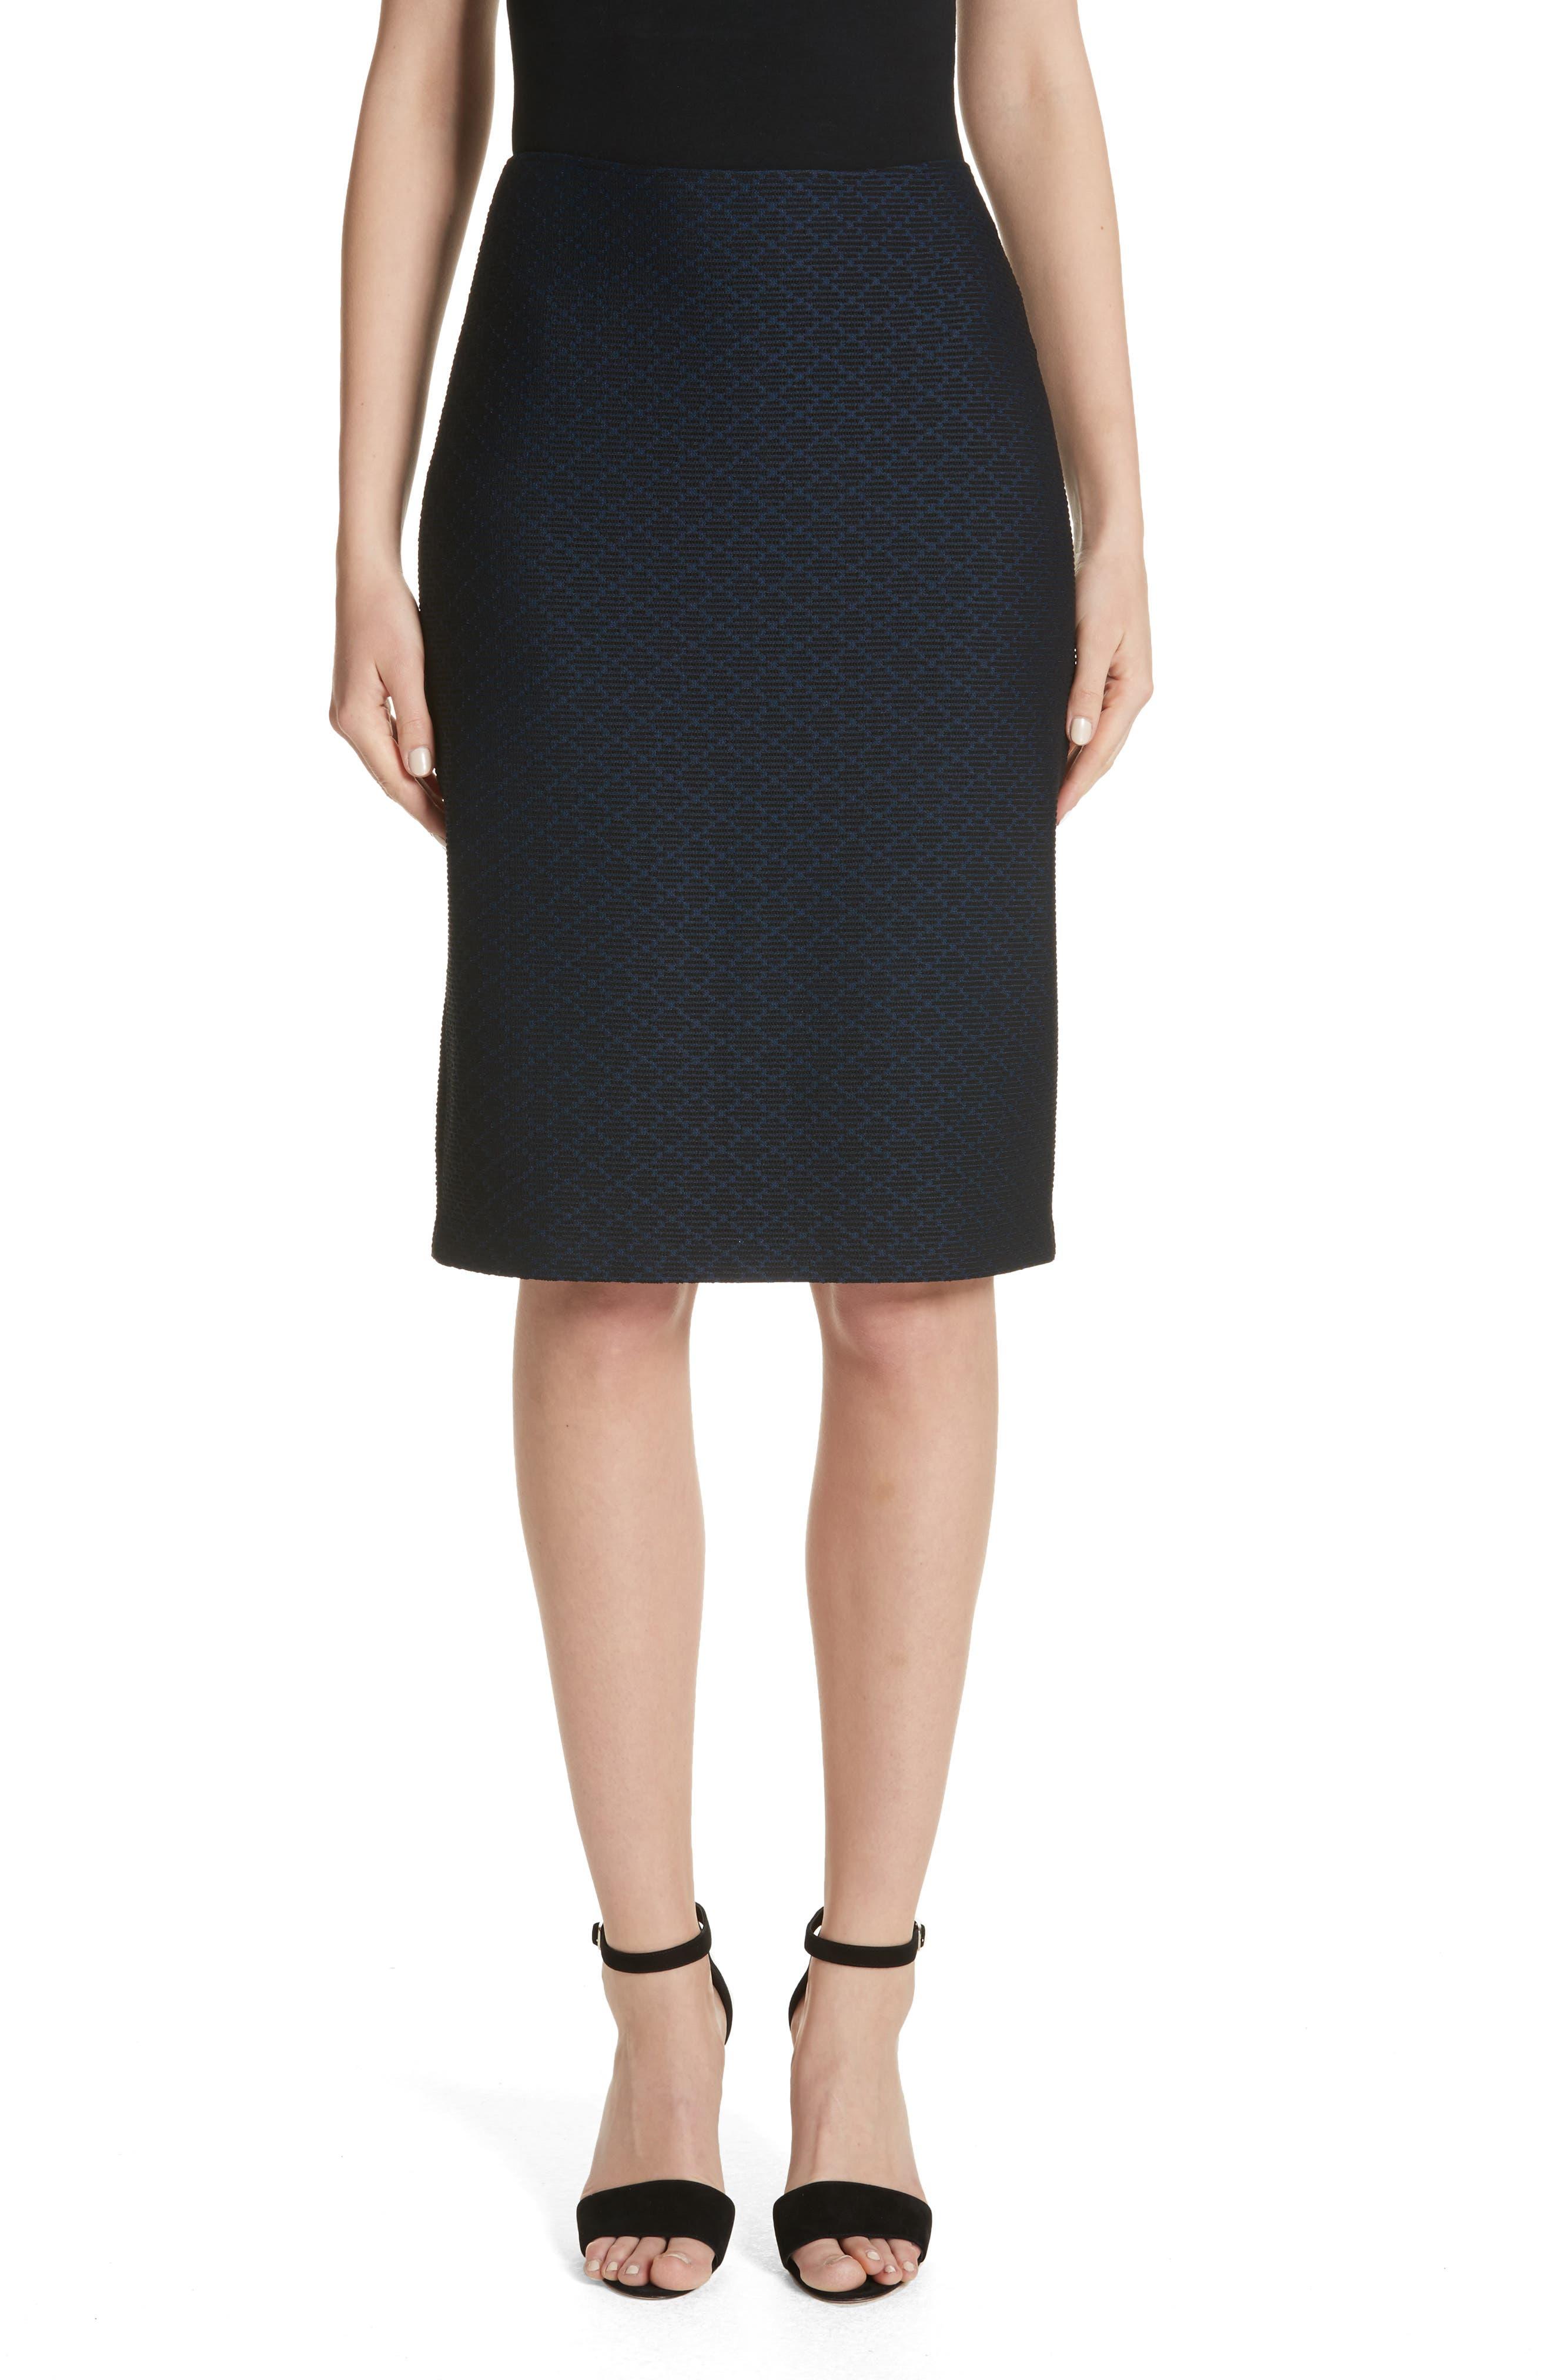 Main Image - Emporio Armani Diamond Knit Jacquard Pencil Skirt